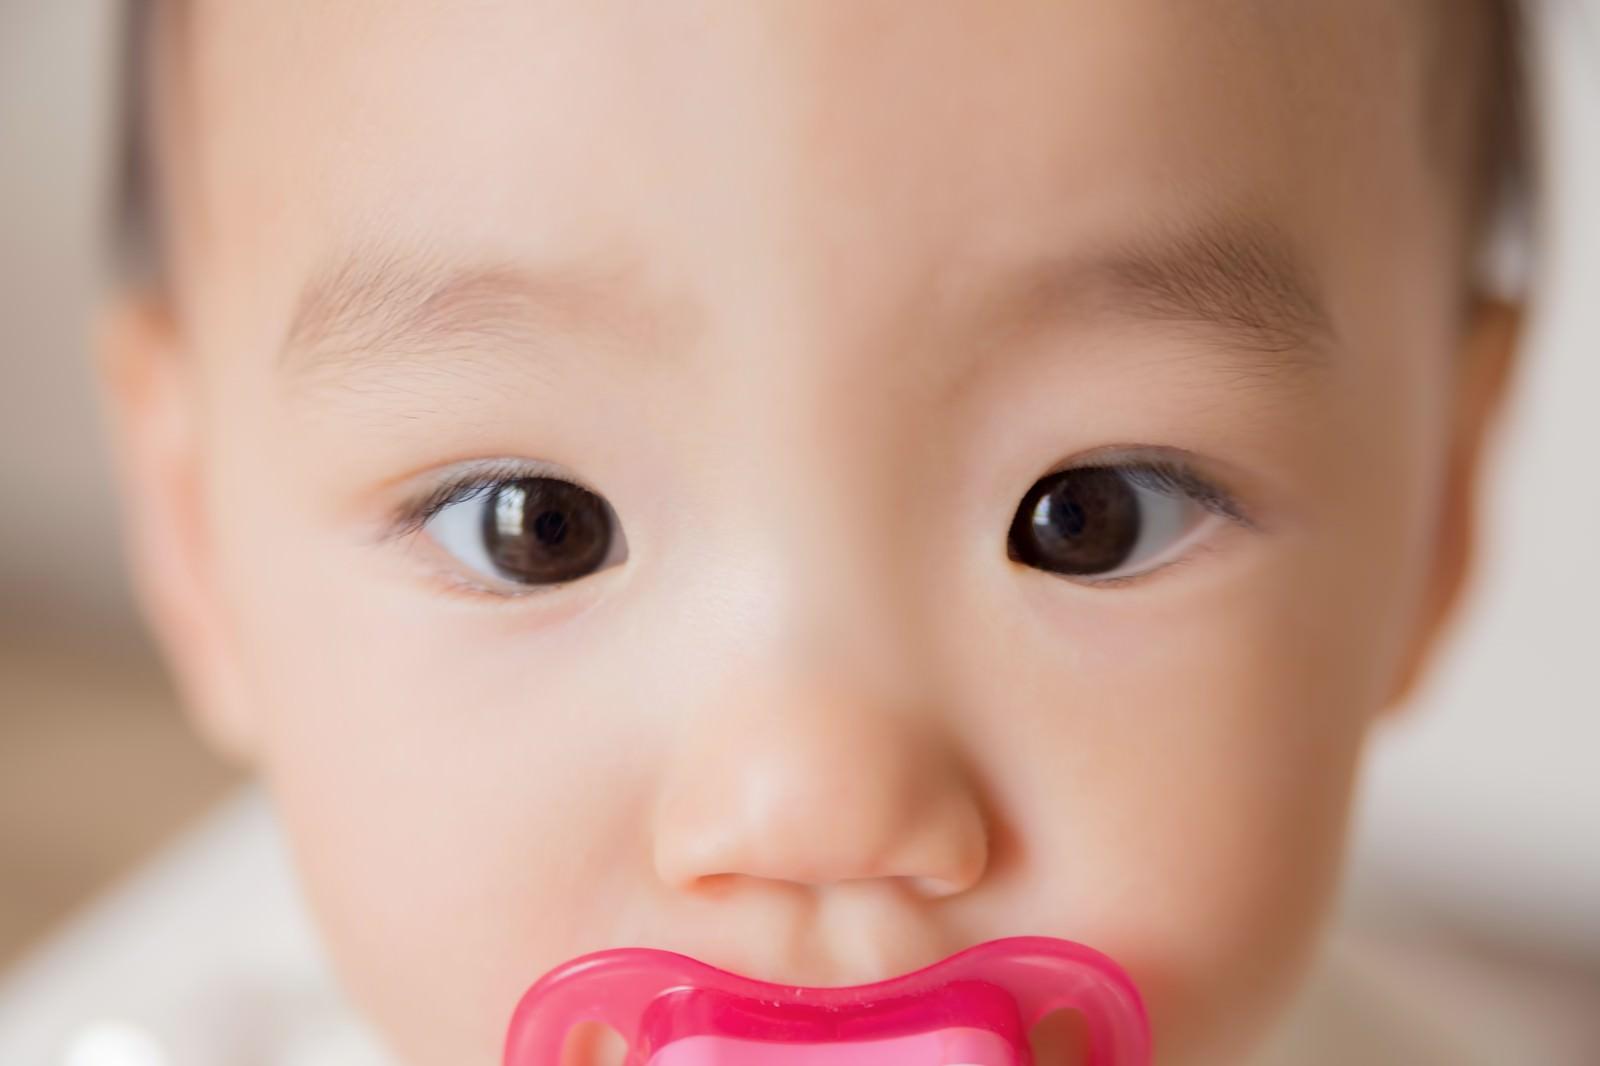 「綺麗な瞳の赤ちゃん綺麗な瞳の赤ちゃん」[モデル:あんじゅ]のフリー写真素材を拡大